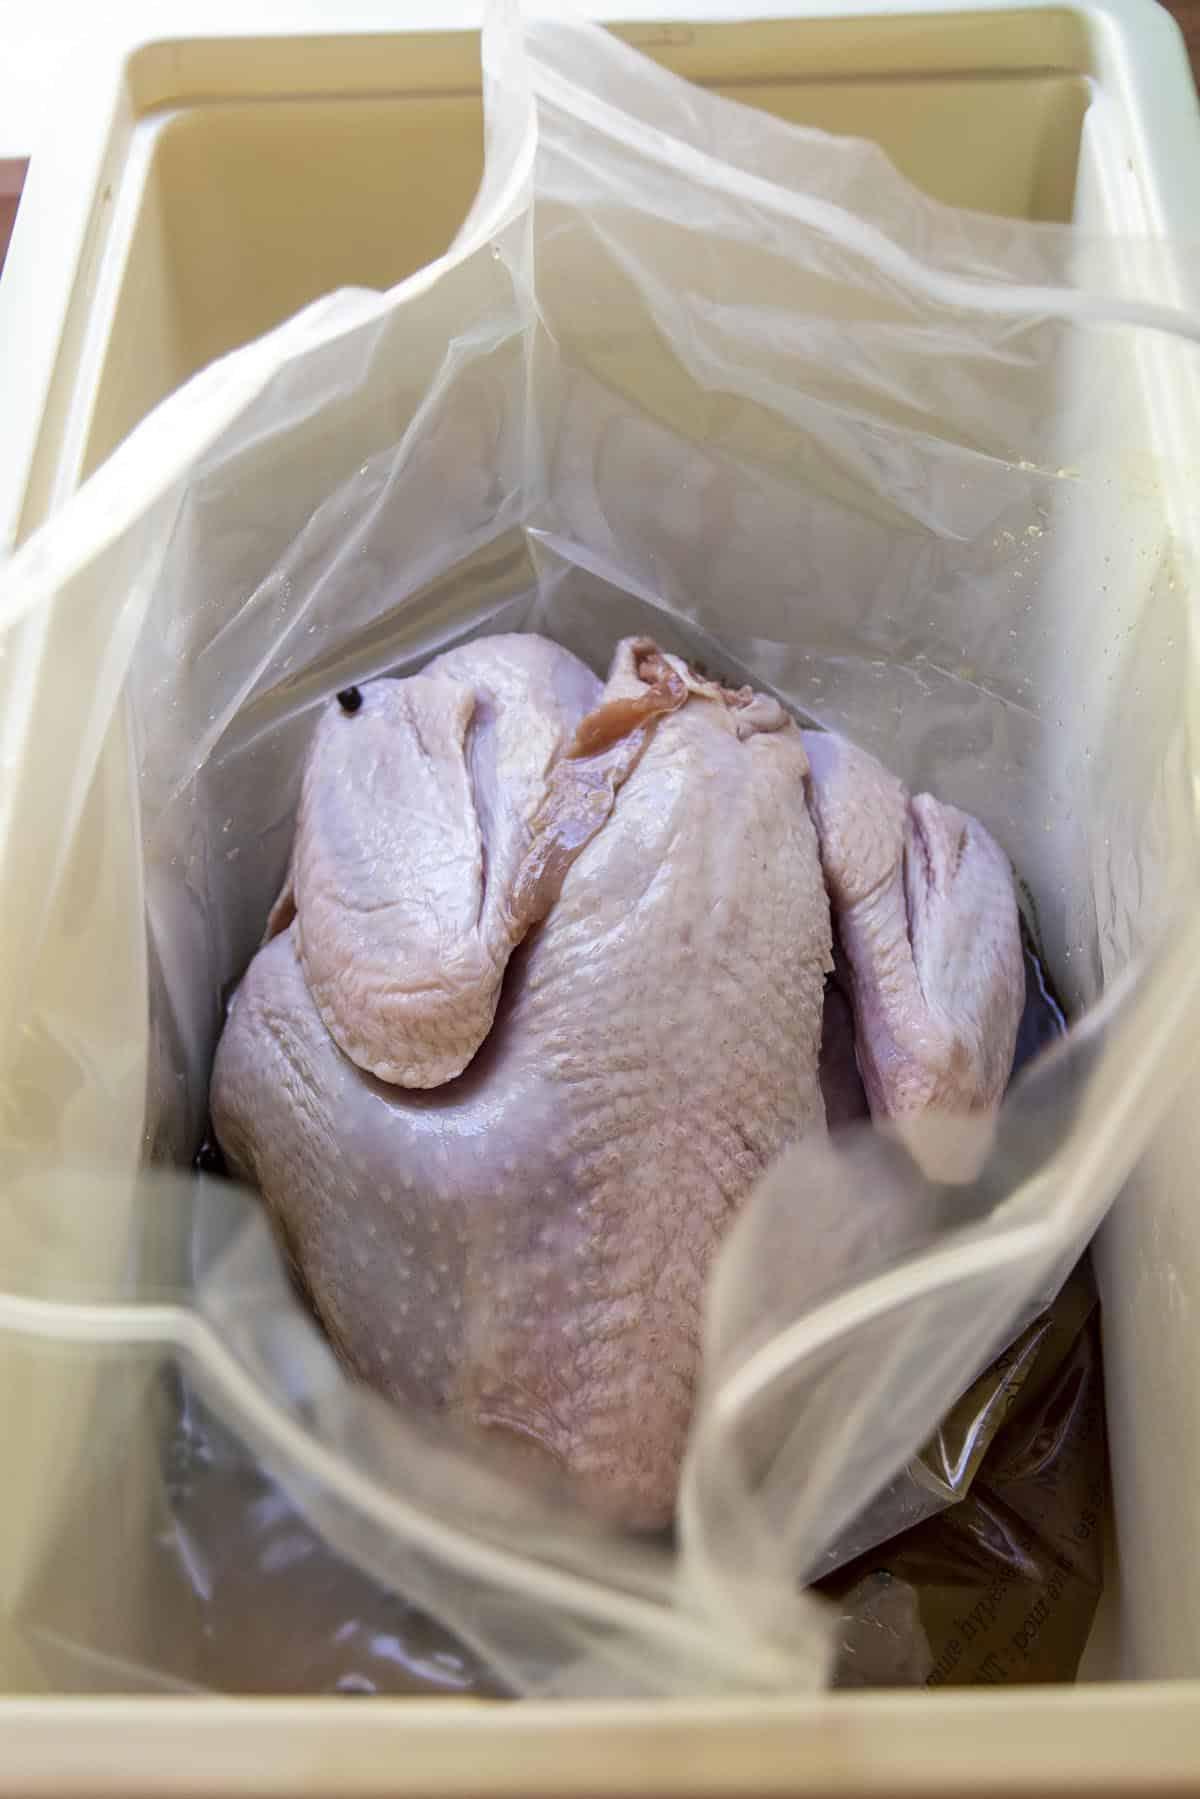 A turkey siting in the brine inside a brining bag